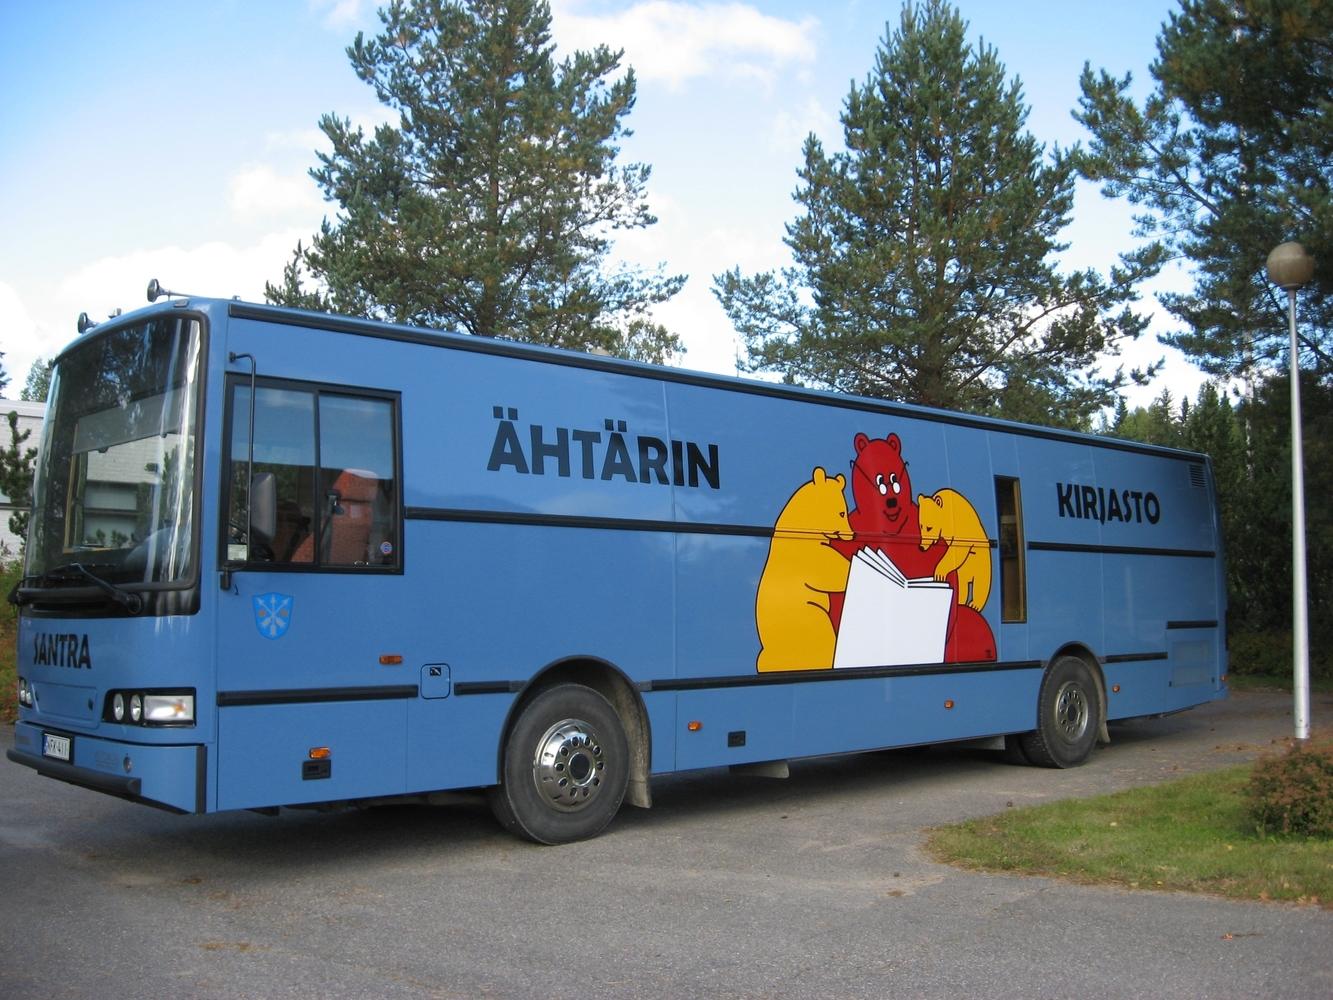 Mobile library Santra (Ähtäri)